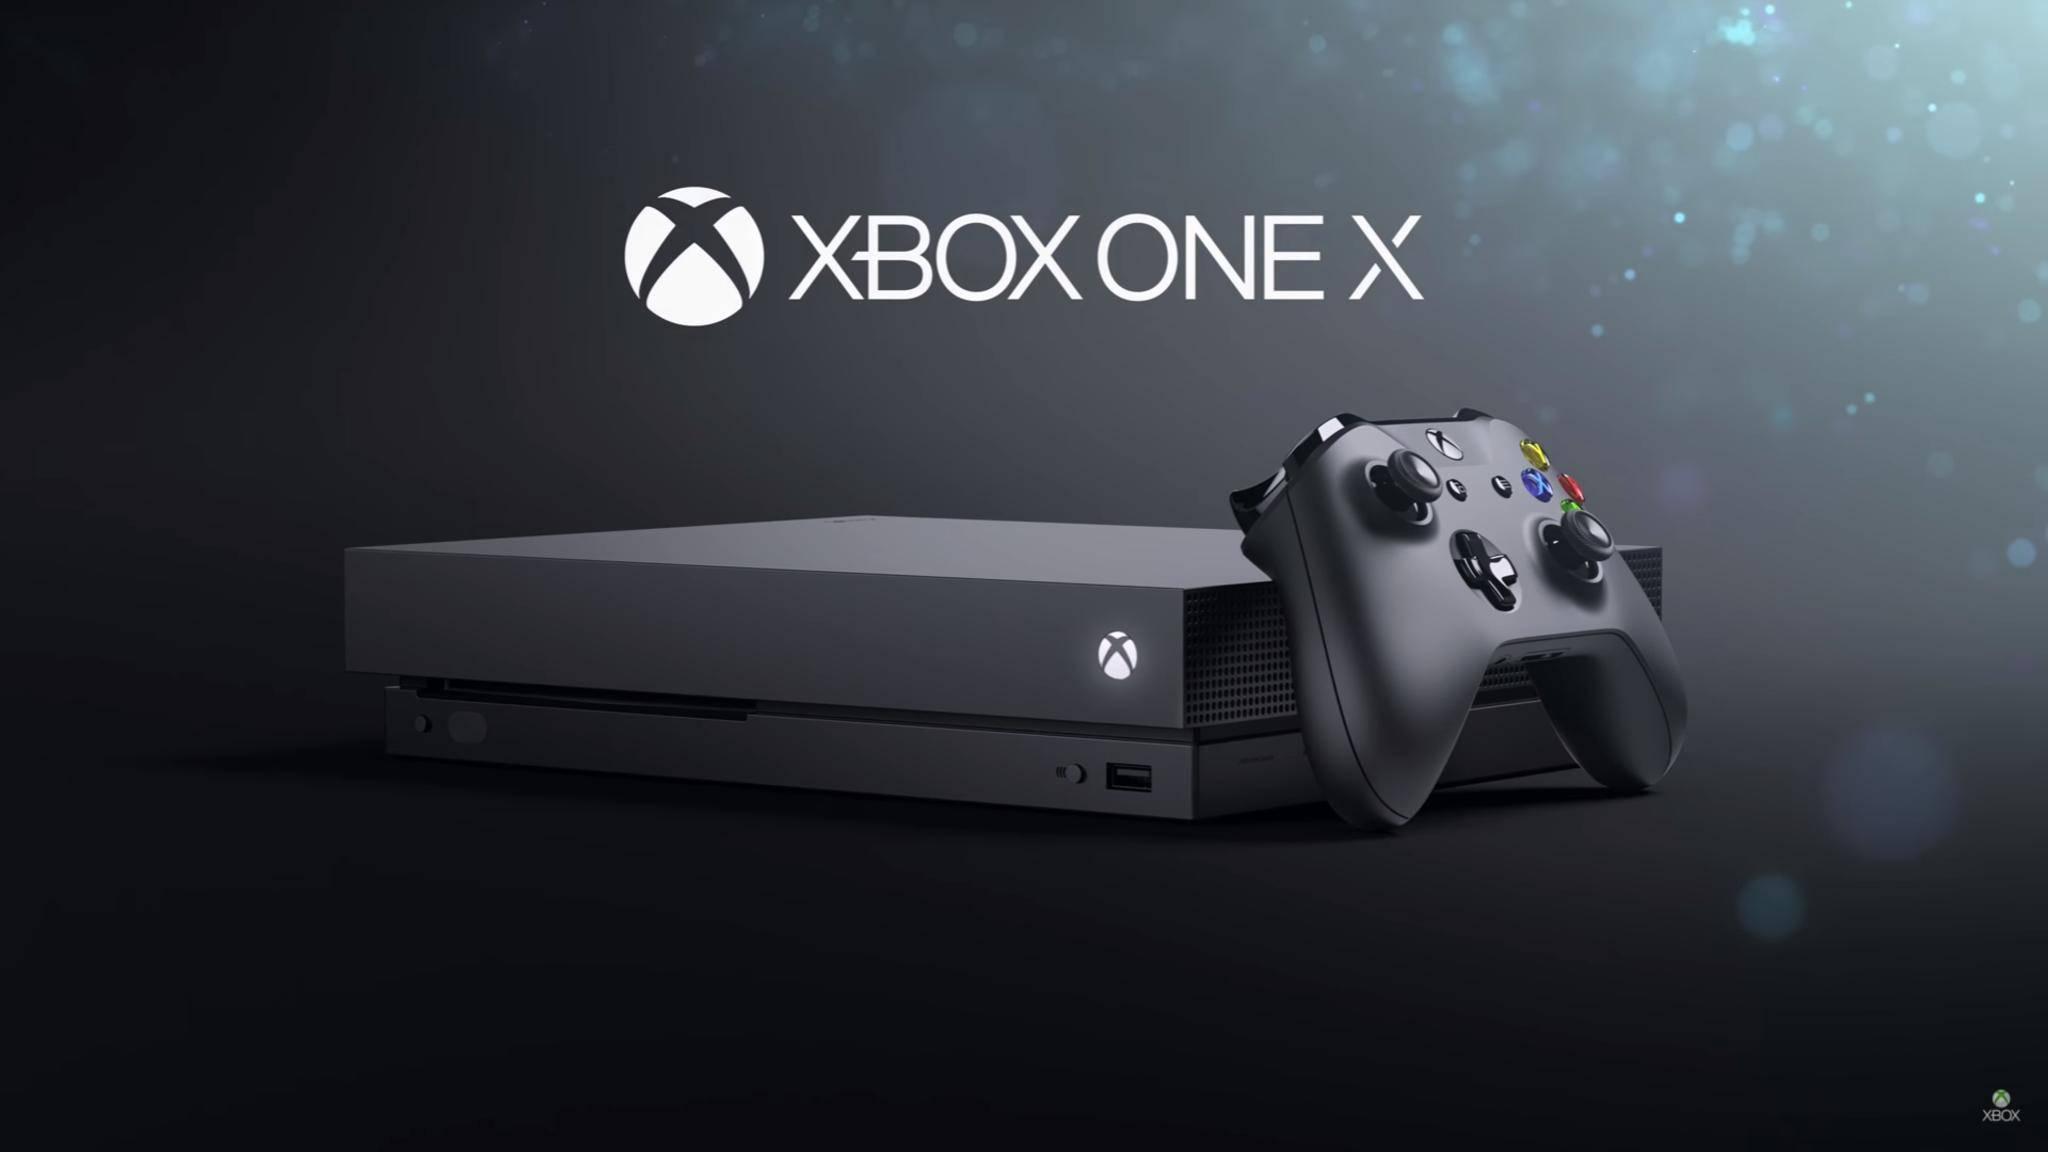 Hat die Xbox One X zu wenig zu bieten? Microsoft widerspricht dieser Behauptung (natürlich) vehement.